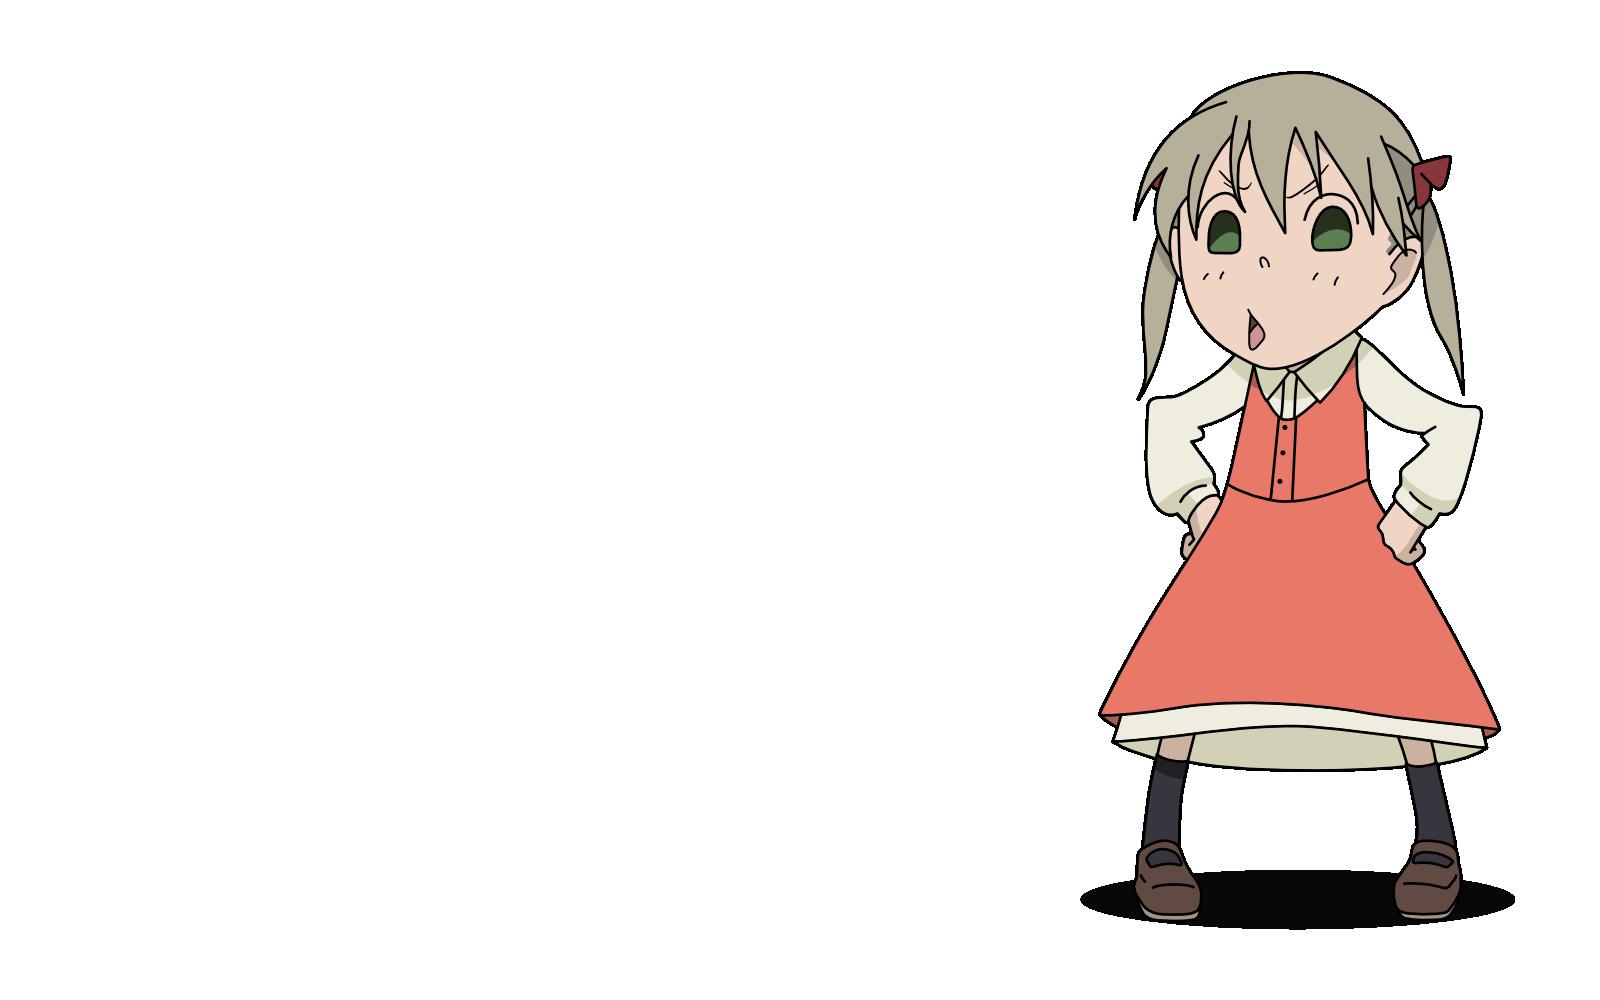 Гифка аниме прозрачный фон